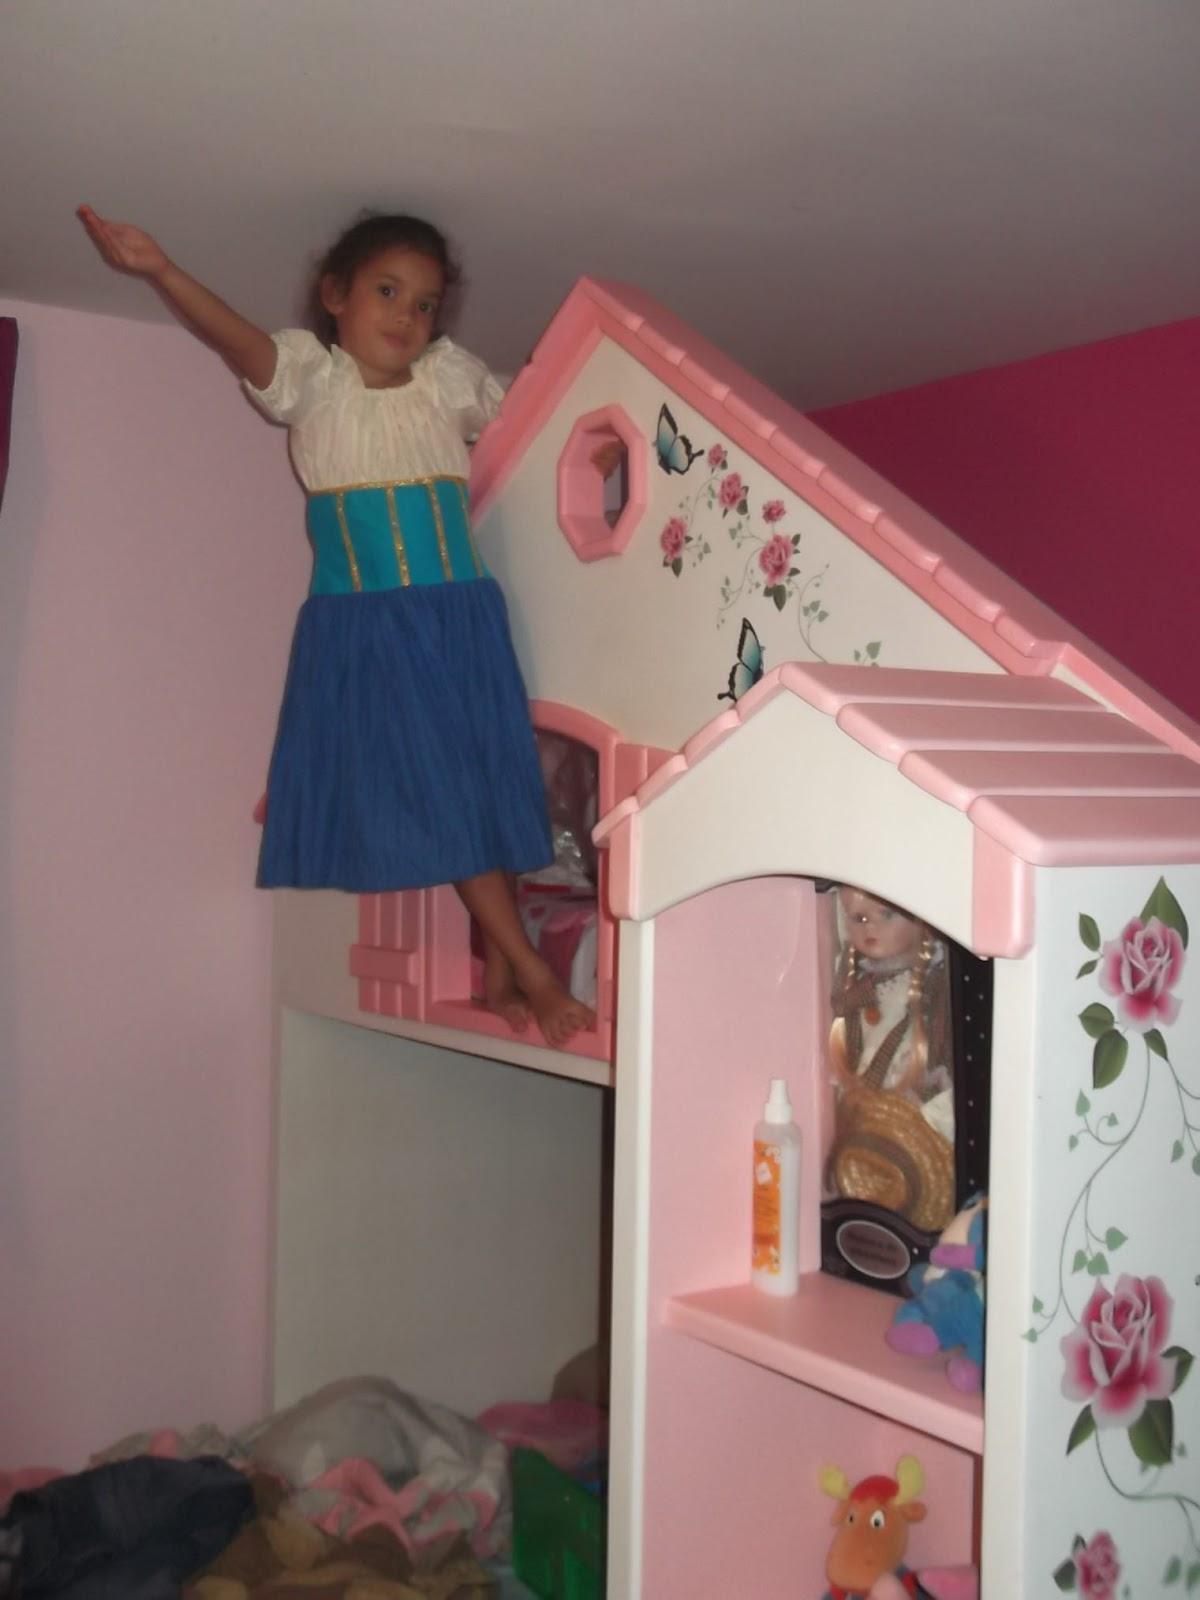 Dormitorios tematicos infantiles - Dormitorios infantiles tematicos ...